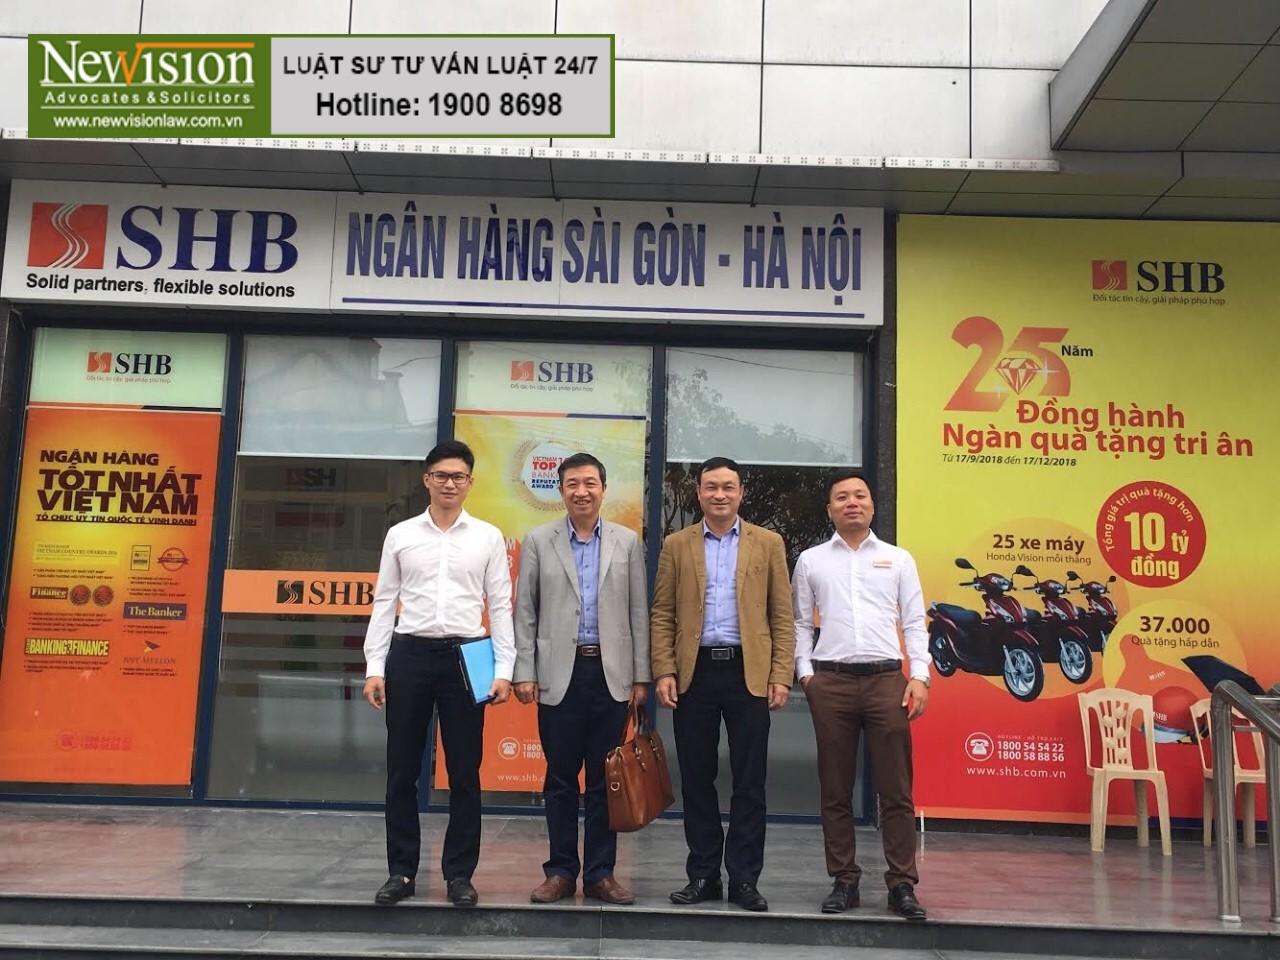 Ảnh: Các luật sư Công ty Luật TGS làm việc với ngân hàng SHB-chi nhánh Thái Bình